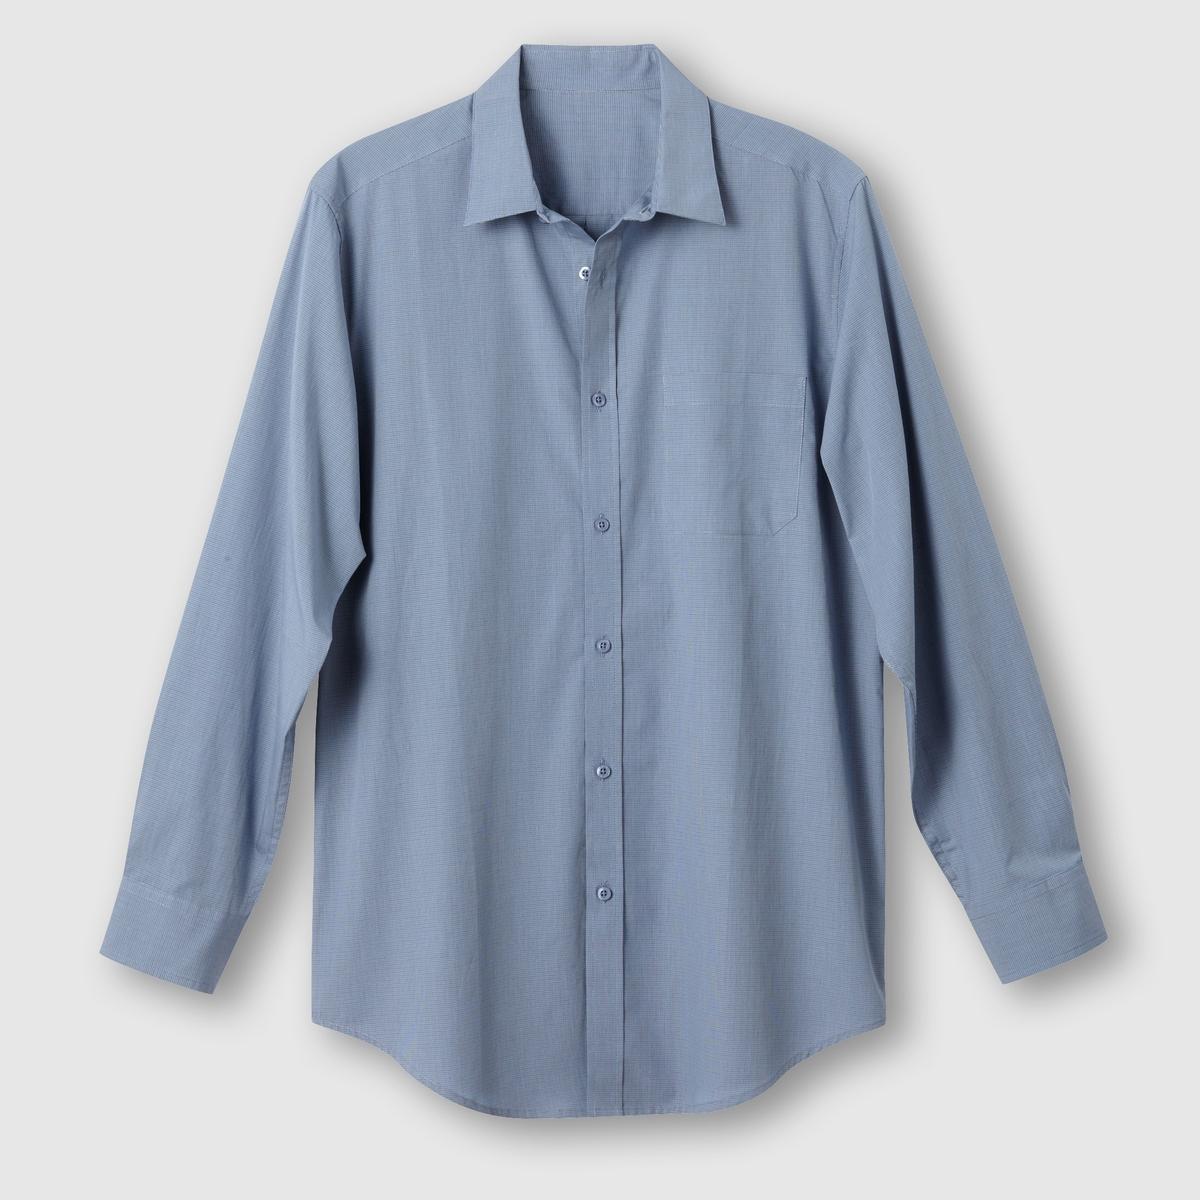 Рубашка из поплина, рост 2 (от 1,76 до 1,87 м)Рубашка с длинными рукавами.  Из оригинального поплина в полоску или в клетку с окрашенными волокнами. Воротник со свободными уголками. 1 нагрудный карман. Складка с вешалкой сзади. Слегка закругленный низ. Поплин, 100% хлопок. Рост 2 (при росте от 1,76 до 1,87 м) :  длина рубашки 85 см, длина рукава 65 см. Есть модели на рост 1 и 3.<br><br>Цвет: в клетку серый/синий,в полоску бордовый/белый<br>Размер: 43/44